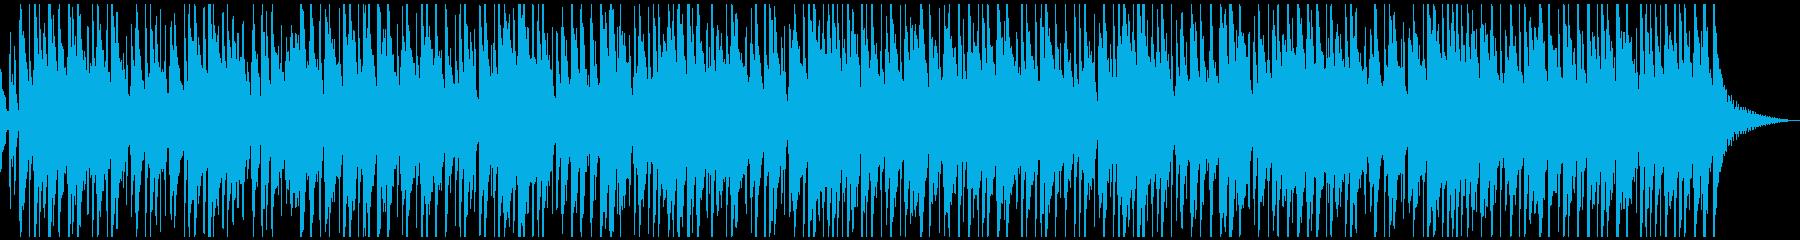 童謡「春よ来い」生楽器リラックスアレンジの再生済みの波形